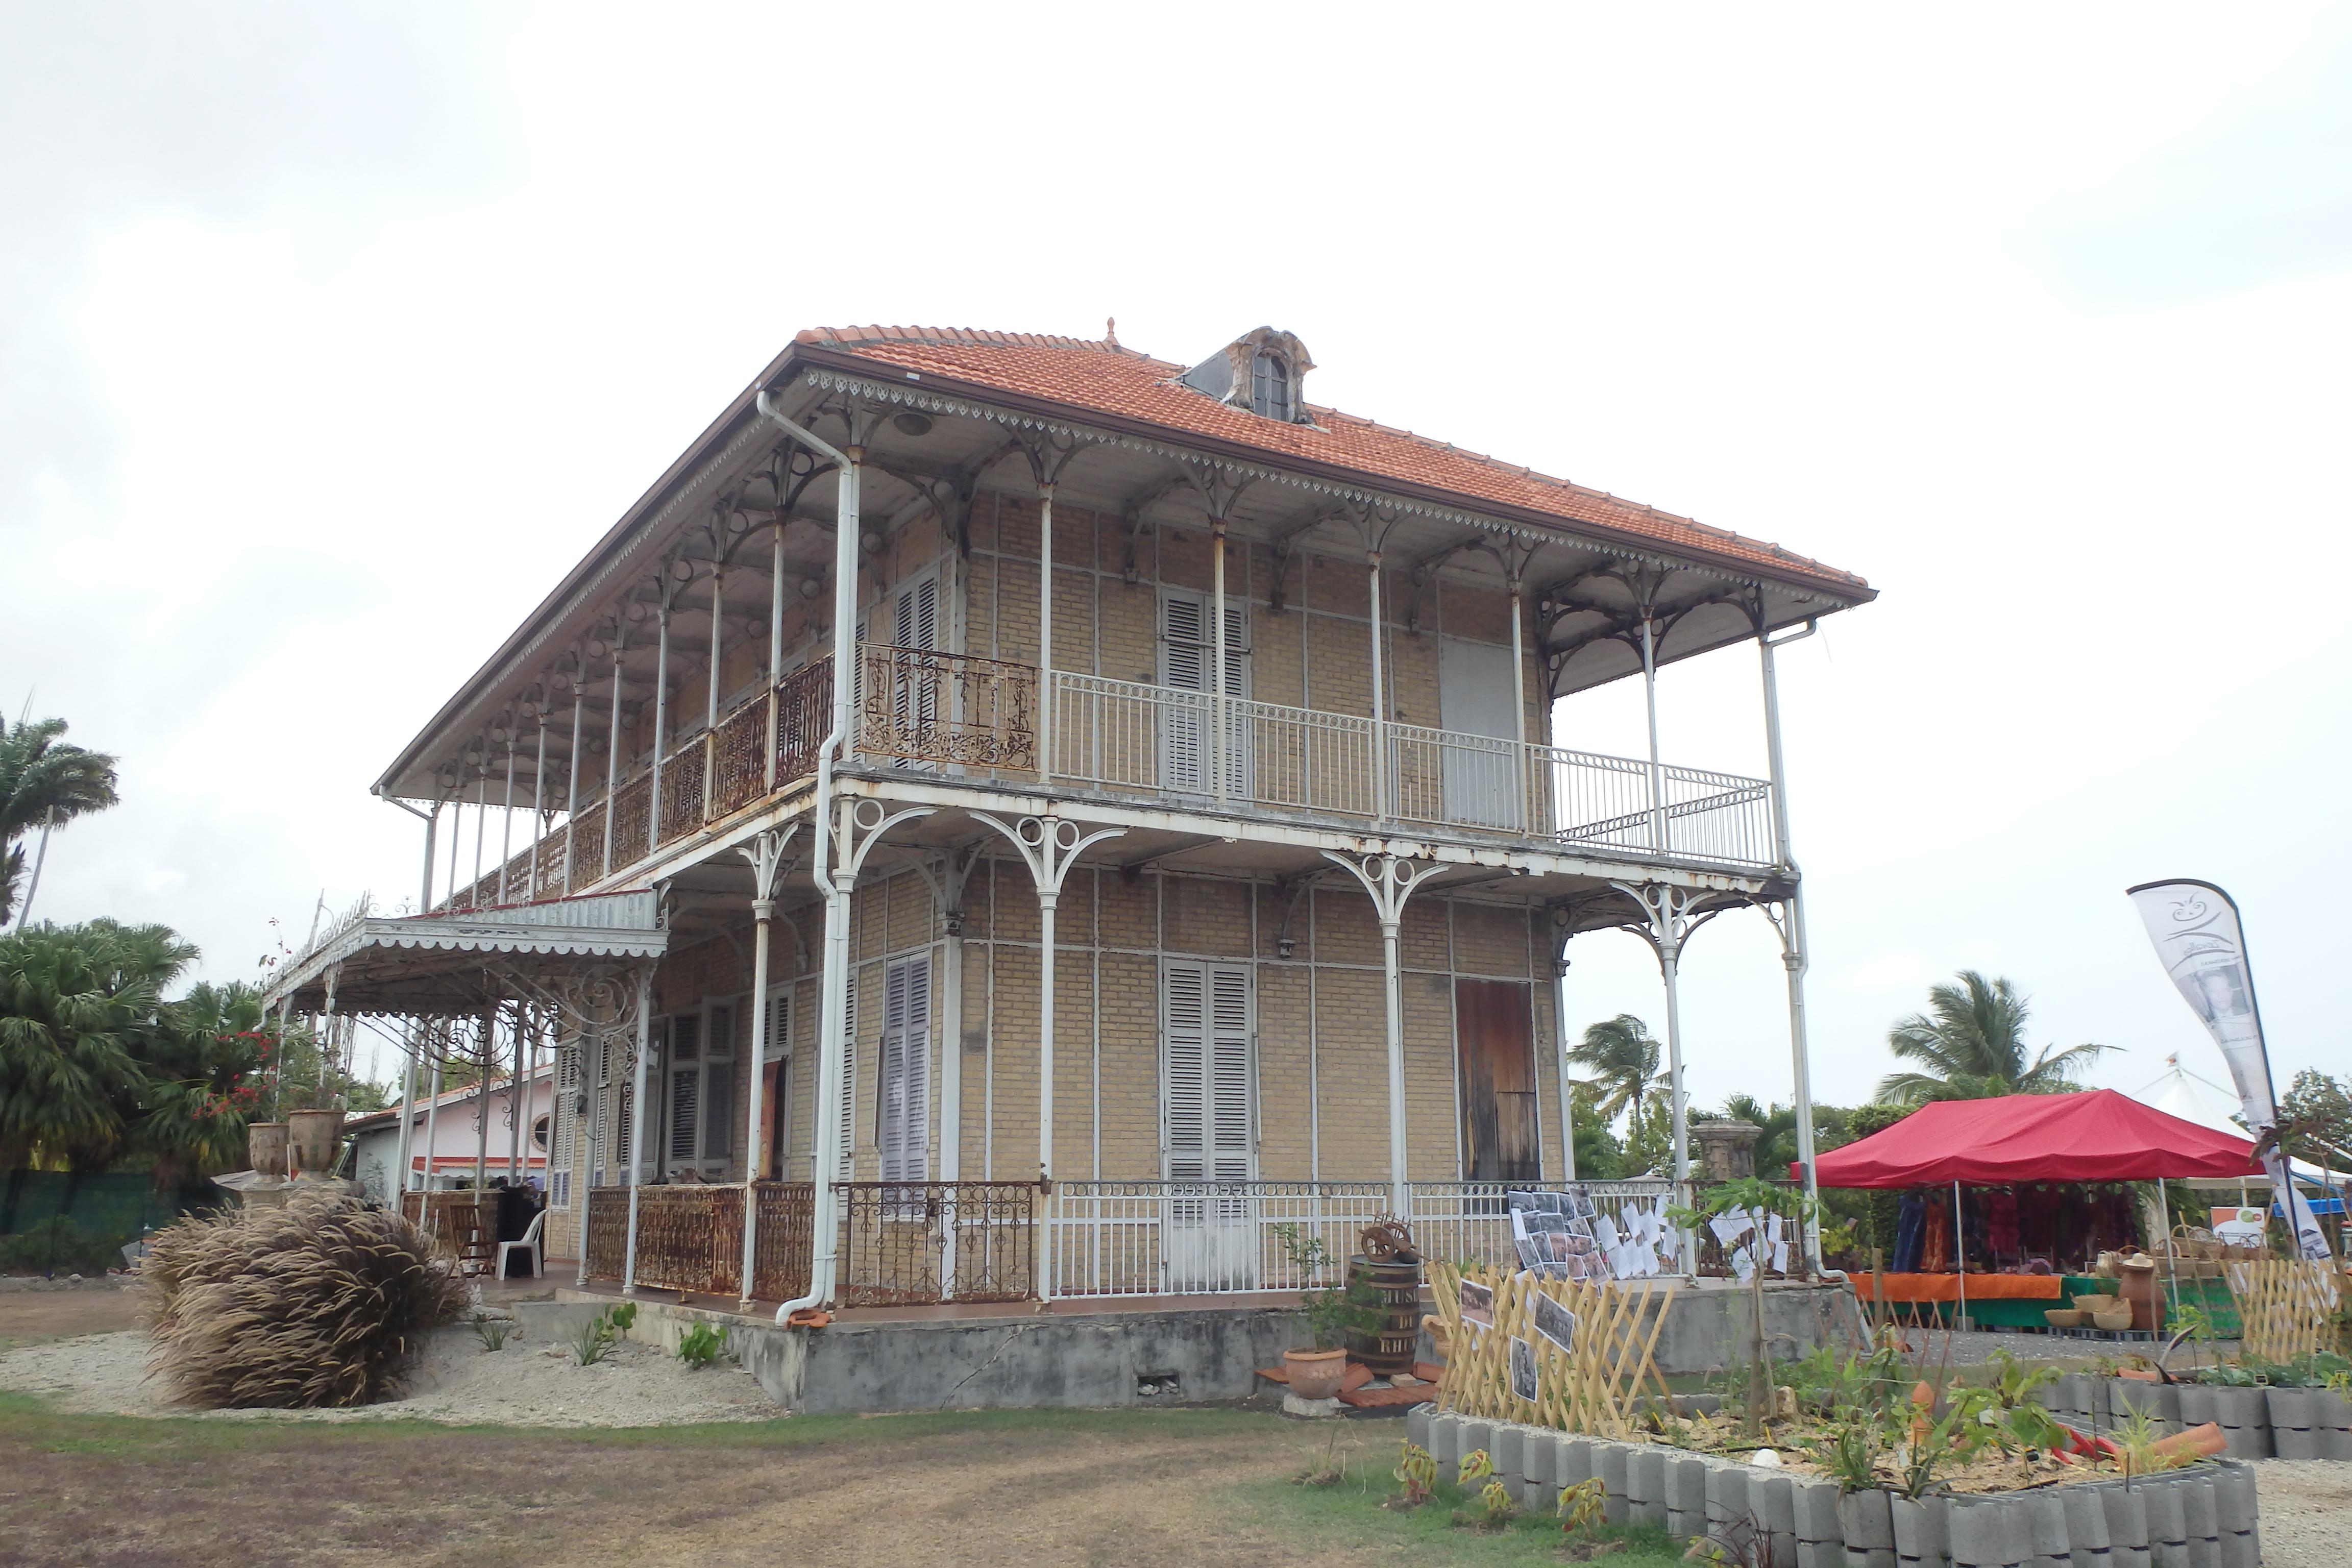 Visite de la maison hant de z vallos maison eiffel val for De ma maison